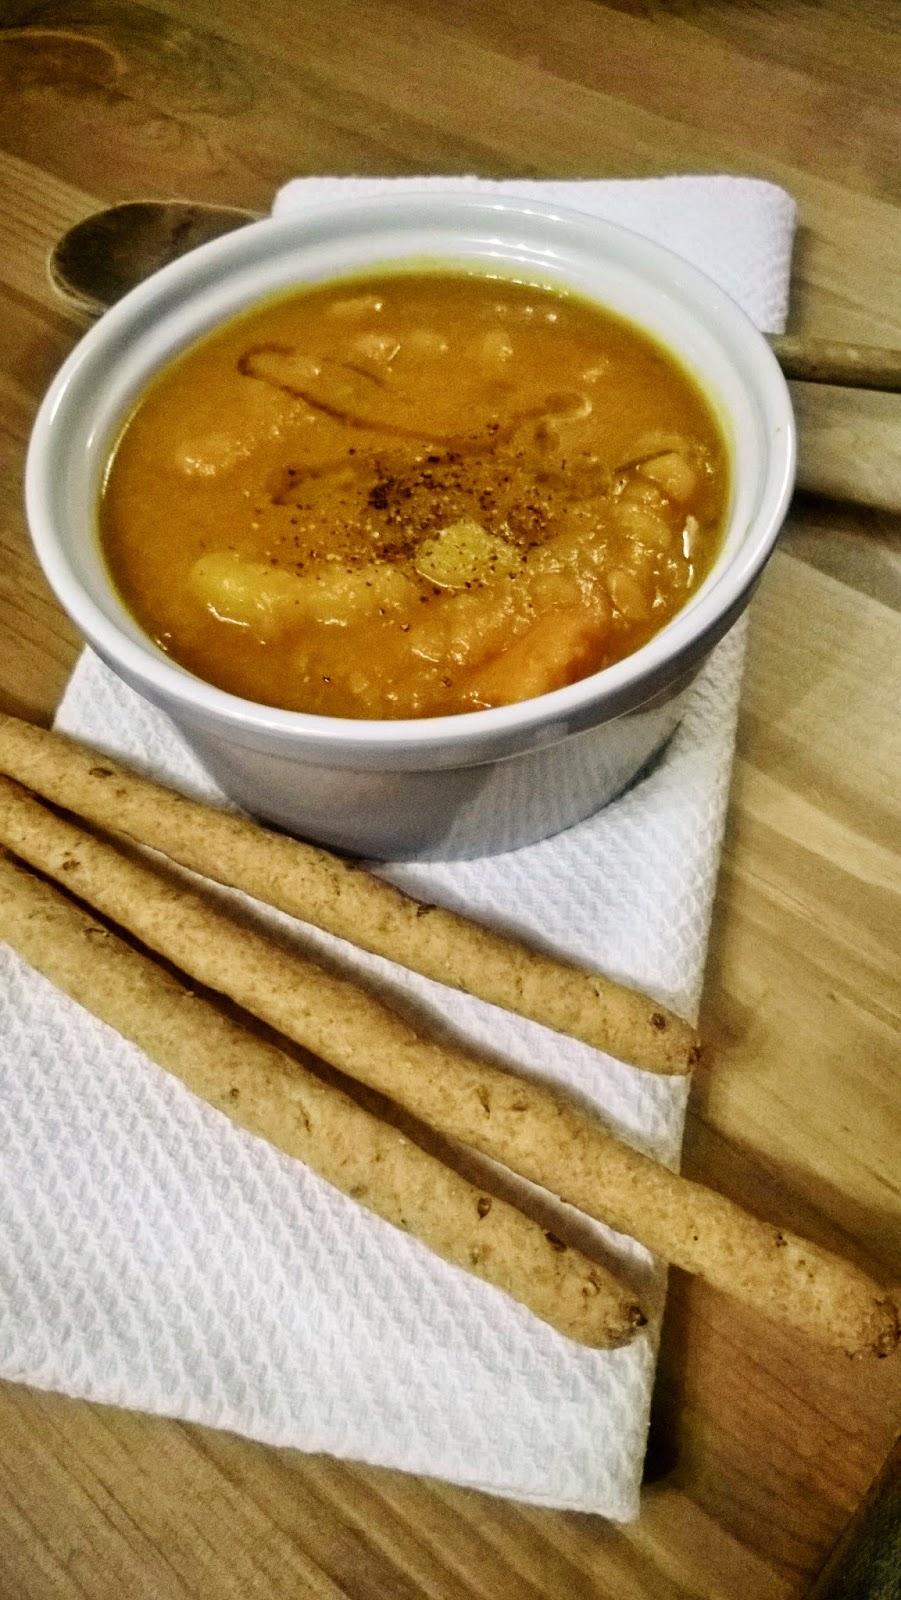 zuppa di zucca al profumo di marsala con grissini integrali ai semi di lino